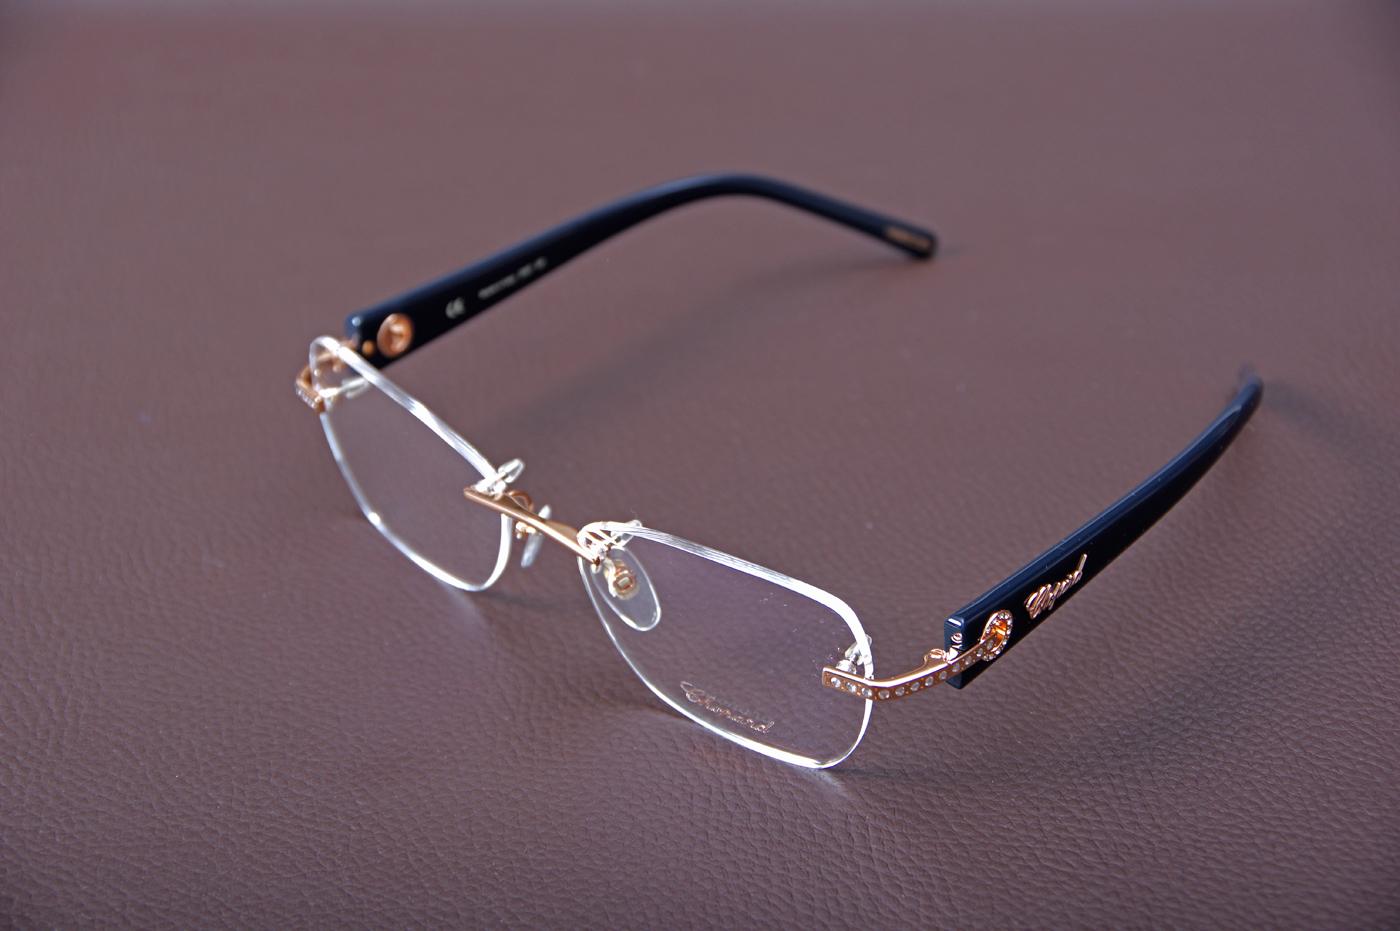 lunettes de vue bijoux pour femme chopard vch 959s opticien haut de gamme sainte adresse optique. Black Bedroom Furniture Sets. Home Design Ideas